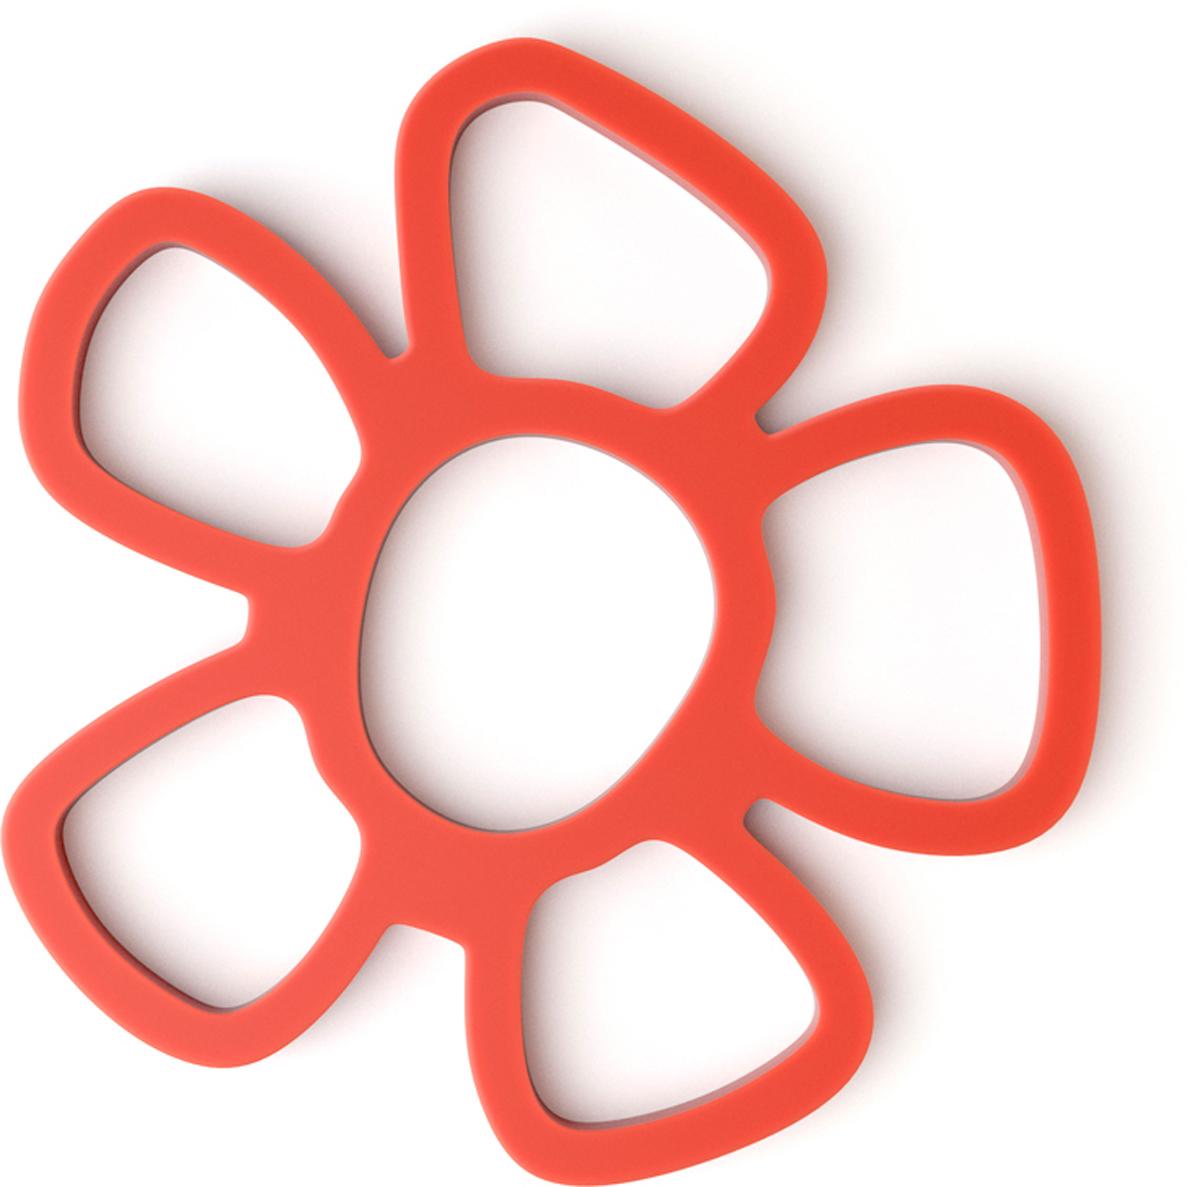 Подставка под горячее Balvi Daisy, магнитная, цвет: красный26179Многофункциональная магнитная подставка Daisy пригодится на кухне любой хозяйке. Она выполнена из силикона. Прикрепив подставку к металлической поверхности, вы можете разместить на ней горячие кухонные предметы - чашки, кастрюли, сковородки. Благодаря магниту подставка отлично крепится к металлической поверхности и не скользит по ней. Плюс ко всему, подставка может послужить отличным украшением на кухне. Стильная зеленая подставка под горячее Daisy облегчит жизнь любой хозяйке, а заодно поднимет настроение своим ярким и позитивным дизайном в виде цветка.- Подставка крепится к металлической поверхности с помощью магнита.- Яркий и привлекательный дизайн в виде цветка.- Можно использовать под горячие кастрюли, чайник, сковородки и т.п.